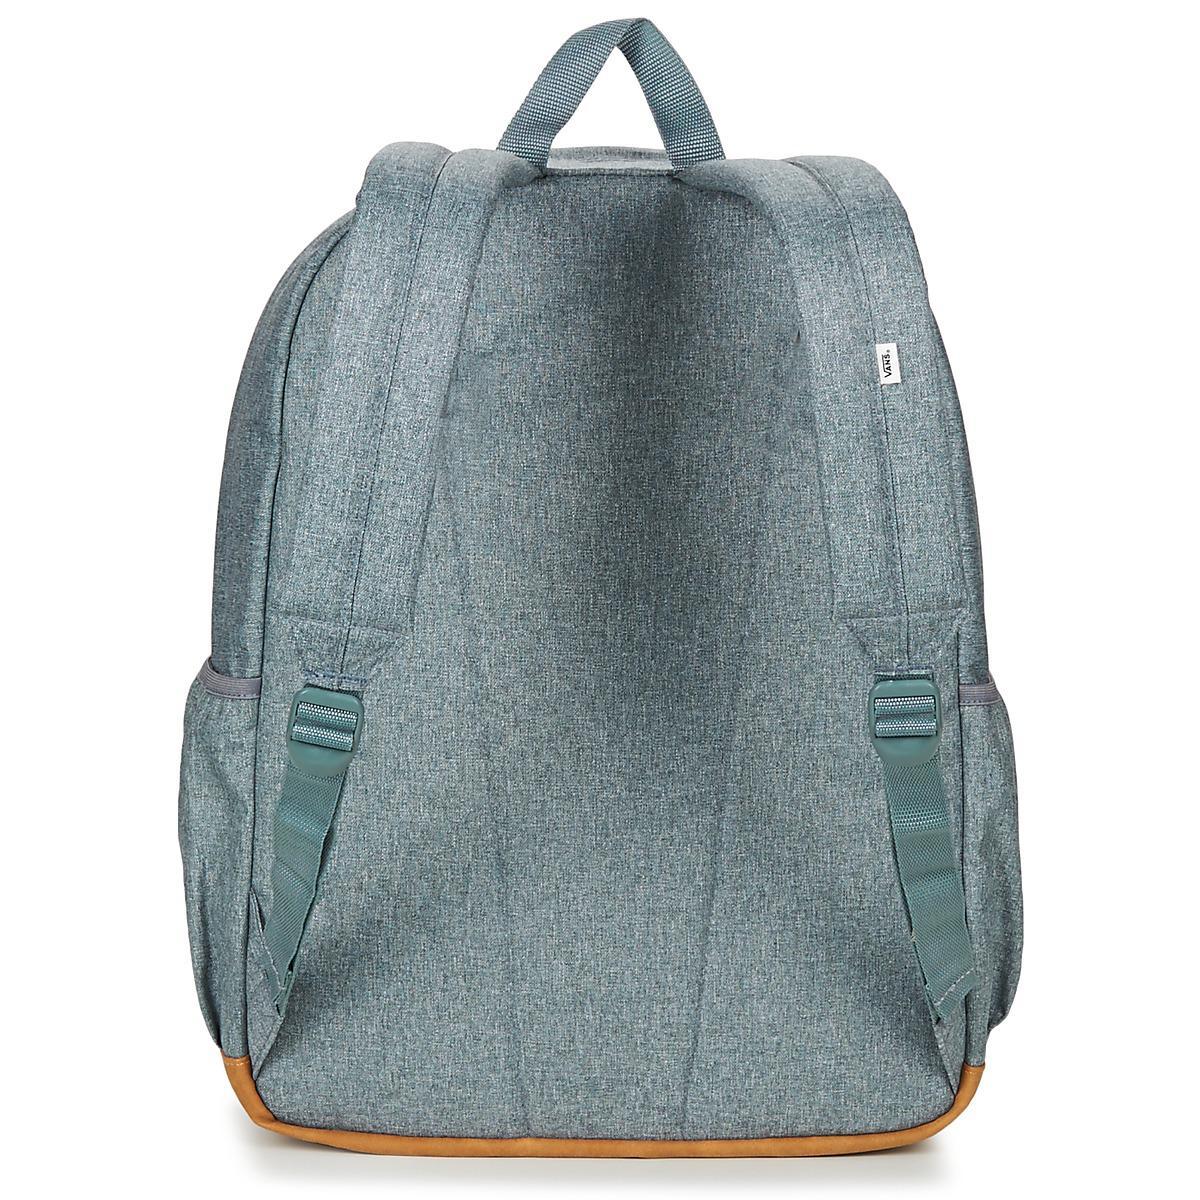 À En Backpack Plus Homme Realm Lyst Vans Coloris Gris Sac Pour Dos QtrCxsdh